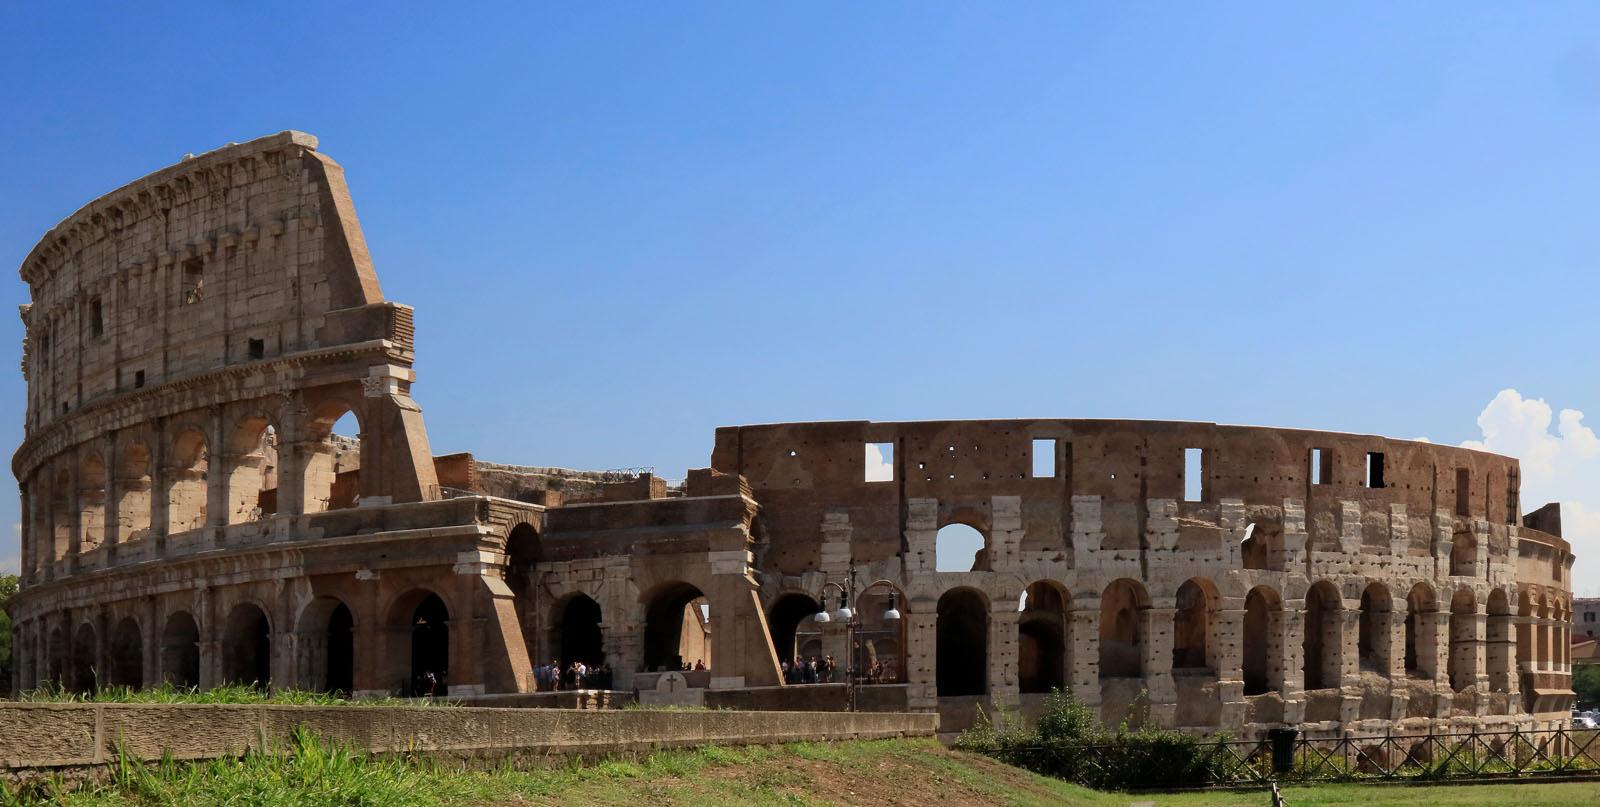 Vogliono vendere il Colosseo... ma in formato digitale. Proposta per fare l'NFT del monumento